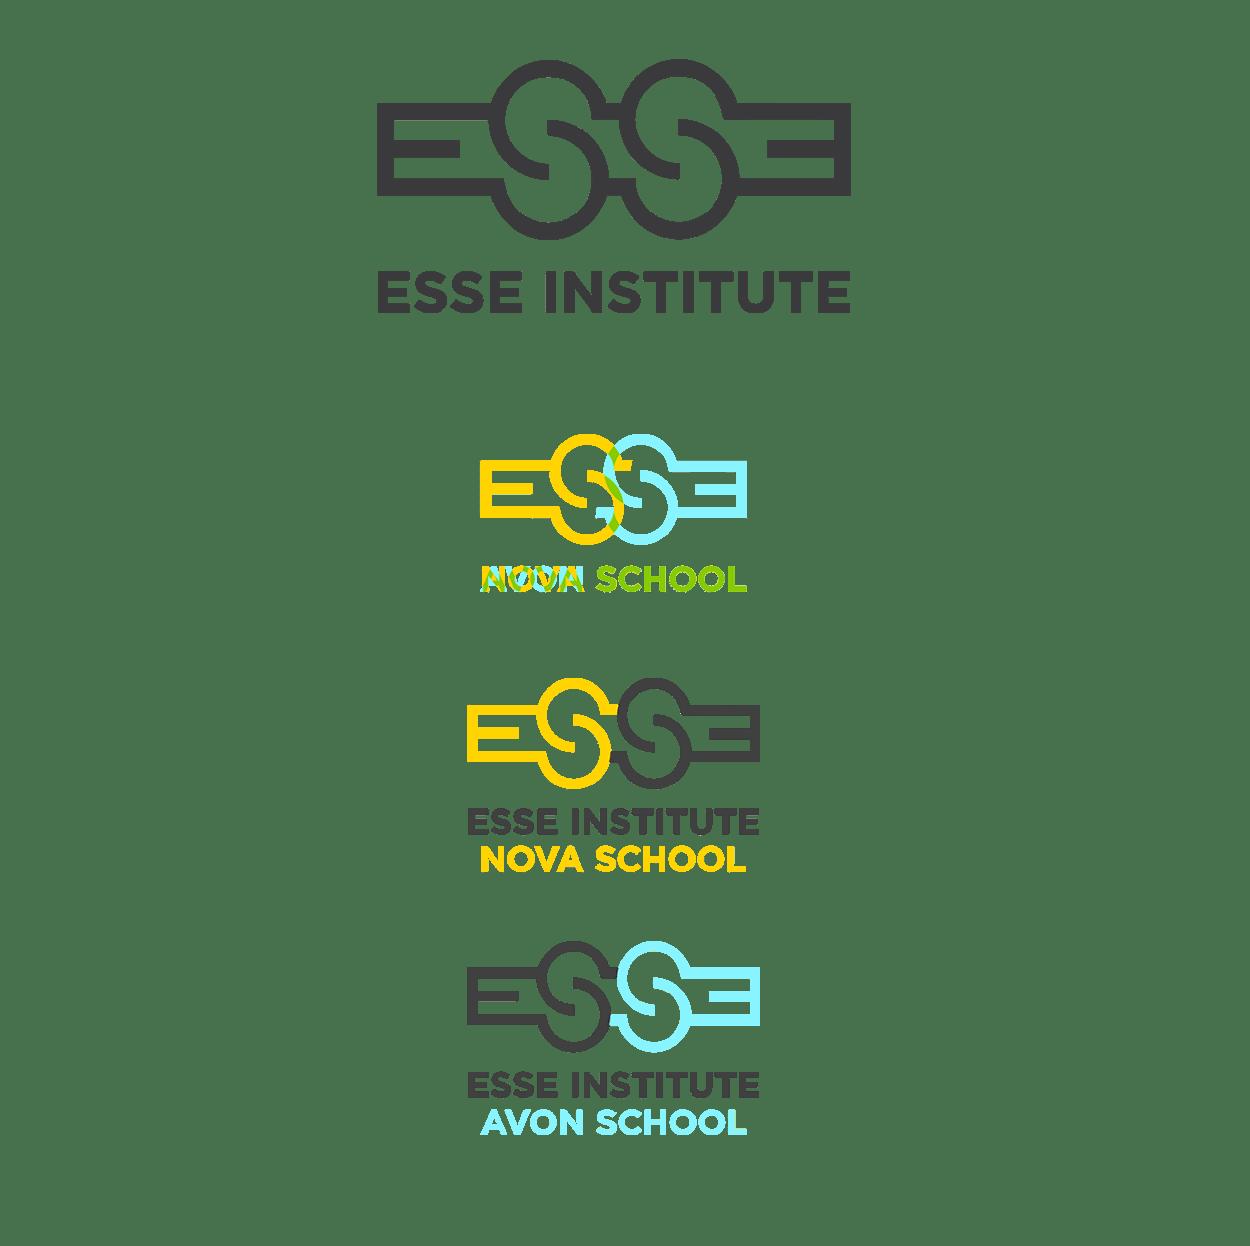 Esse Institute